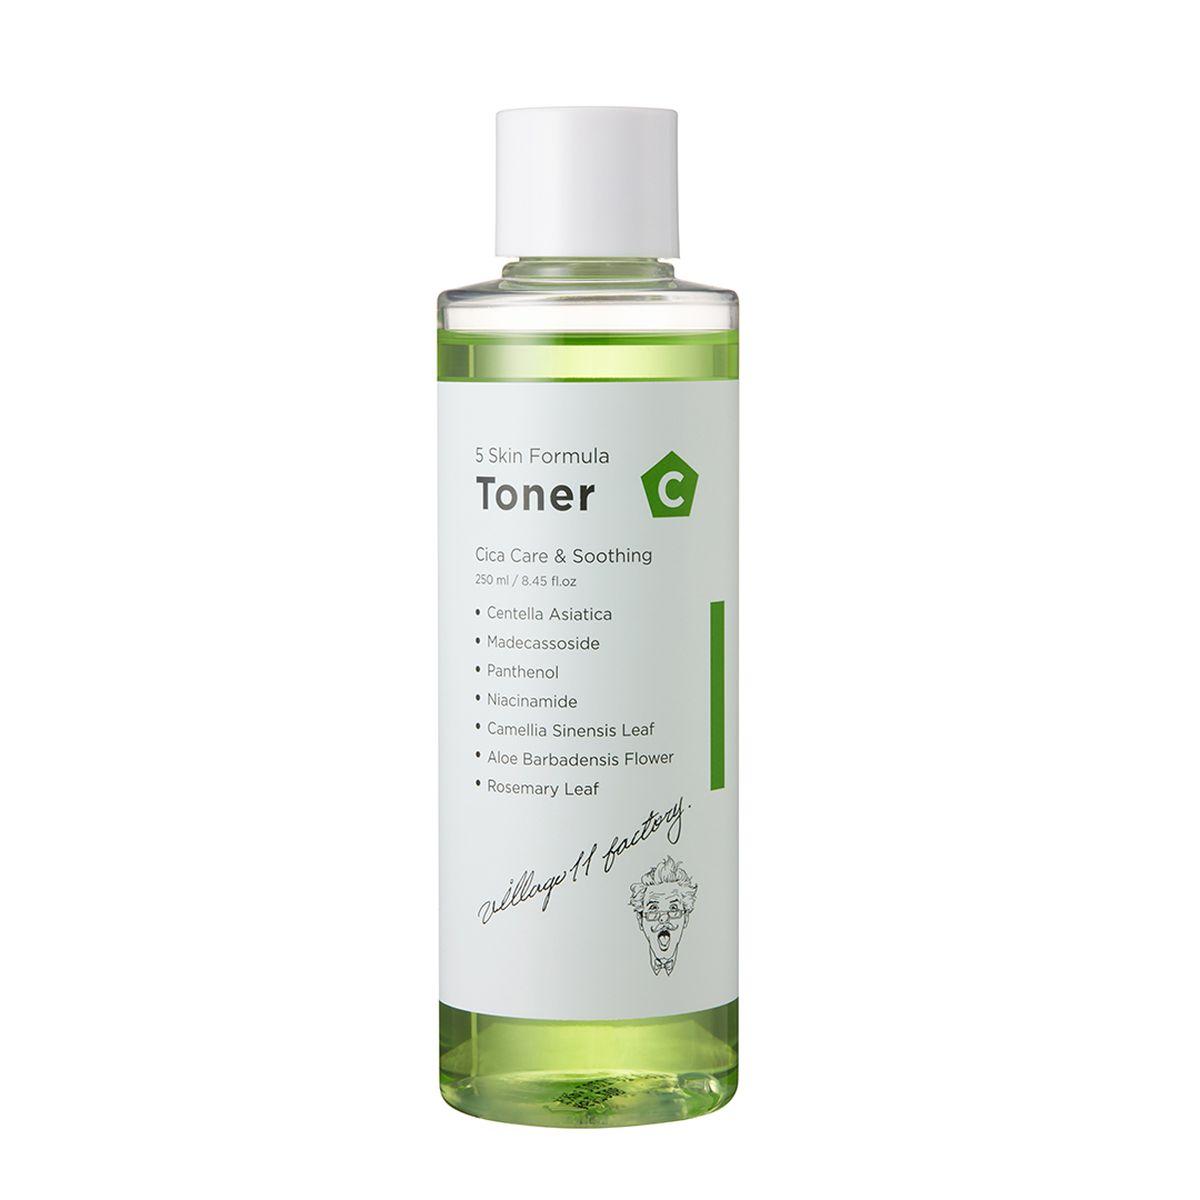 Успокаивающий тонер с центеллой  Village 11 Factory С Skin Formula Toner - 250 мл